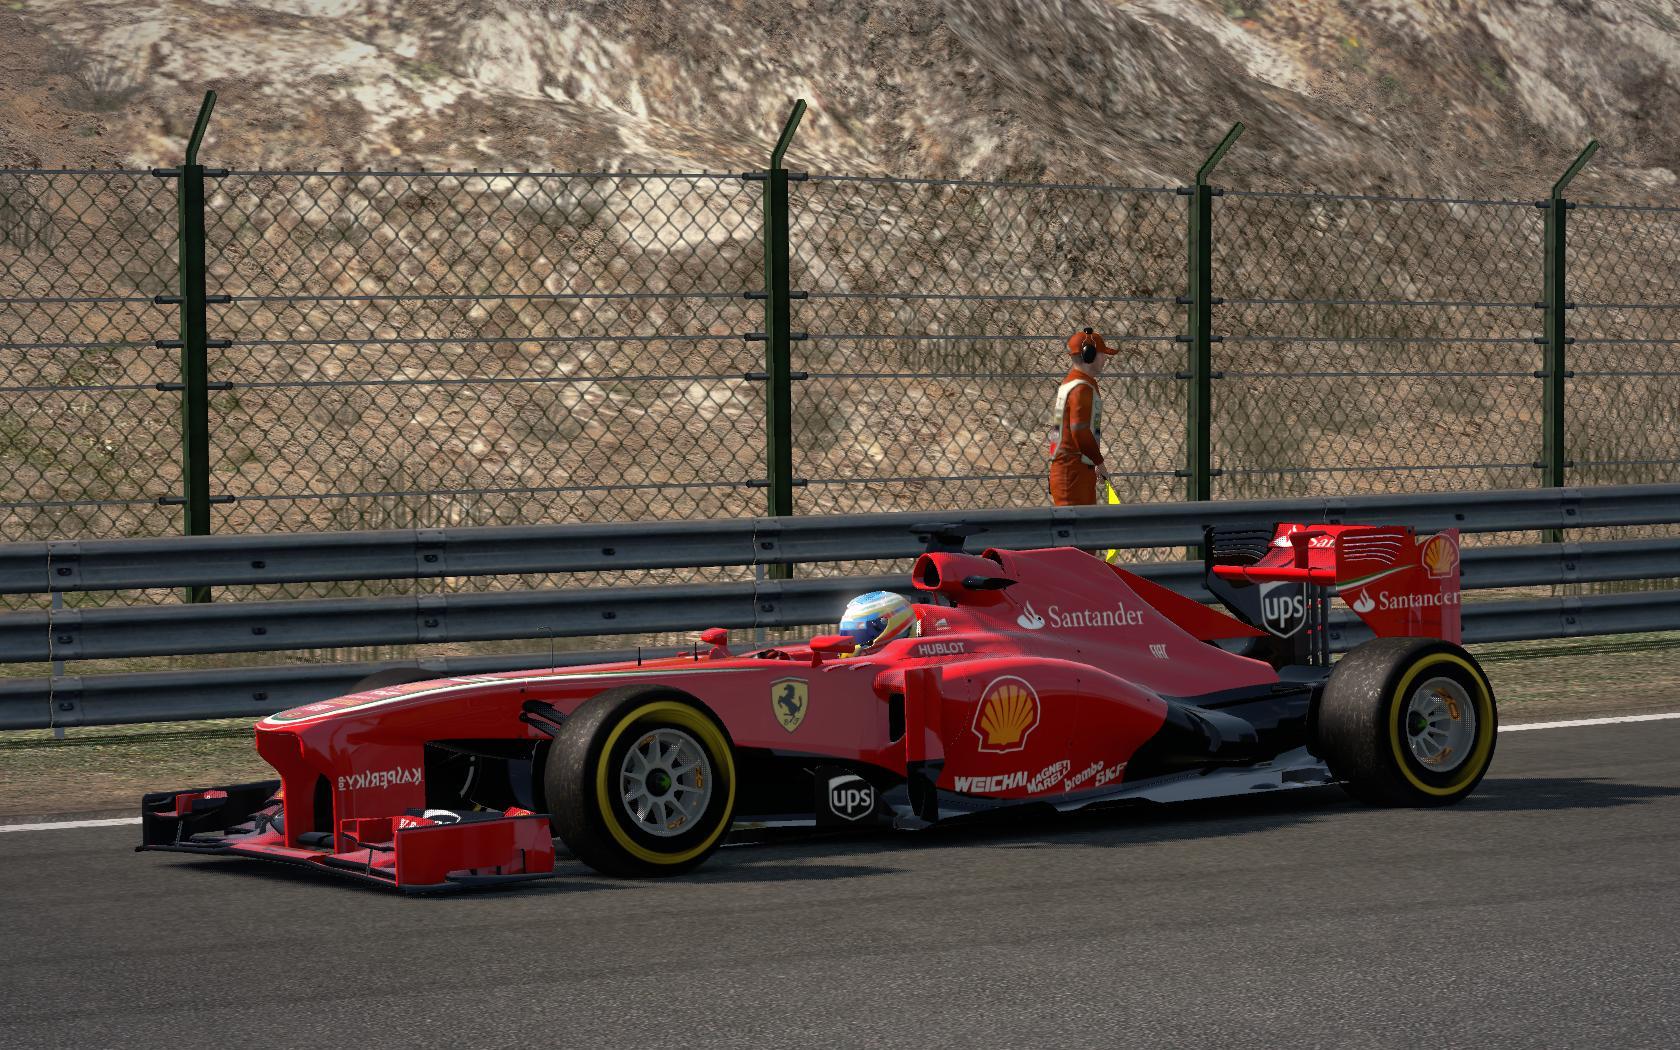 F1_2013 2016-03-13 15-45-54-67.jpg